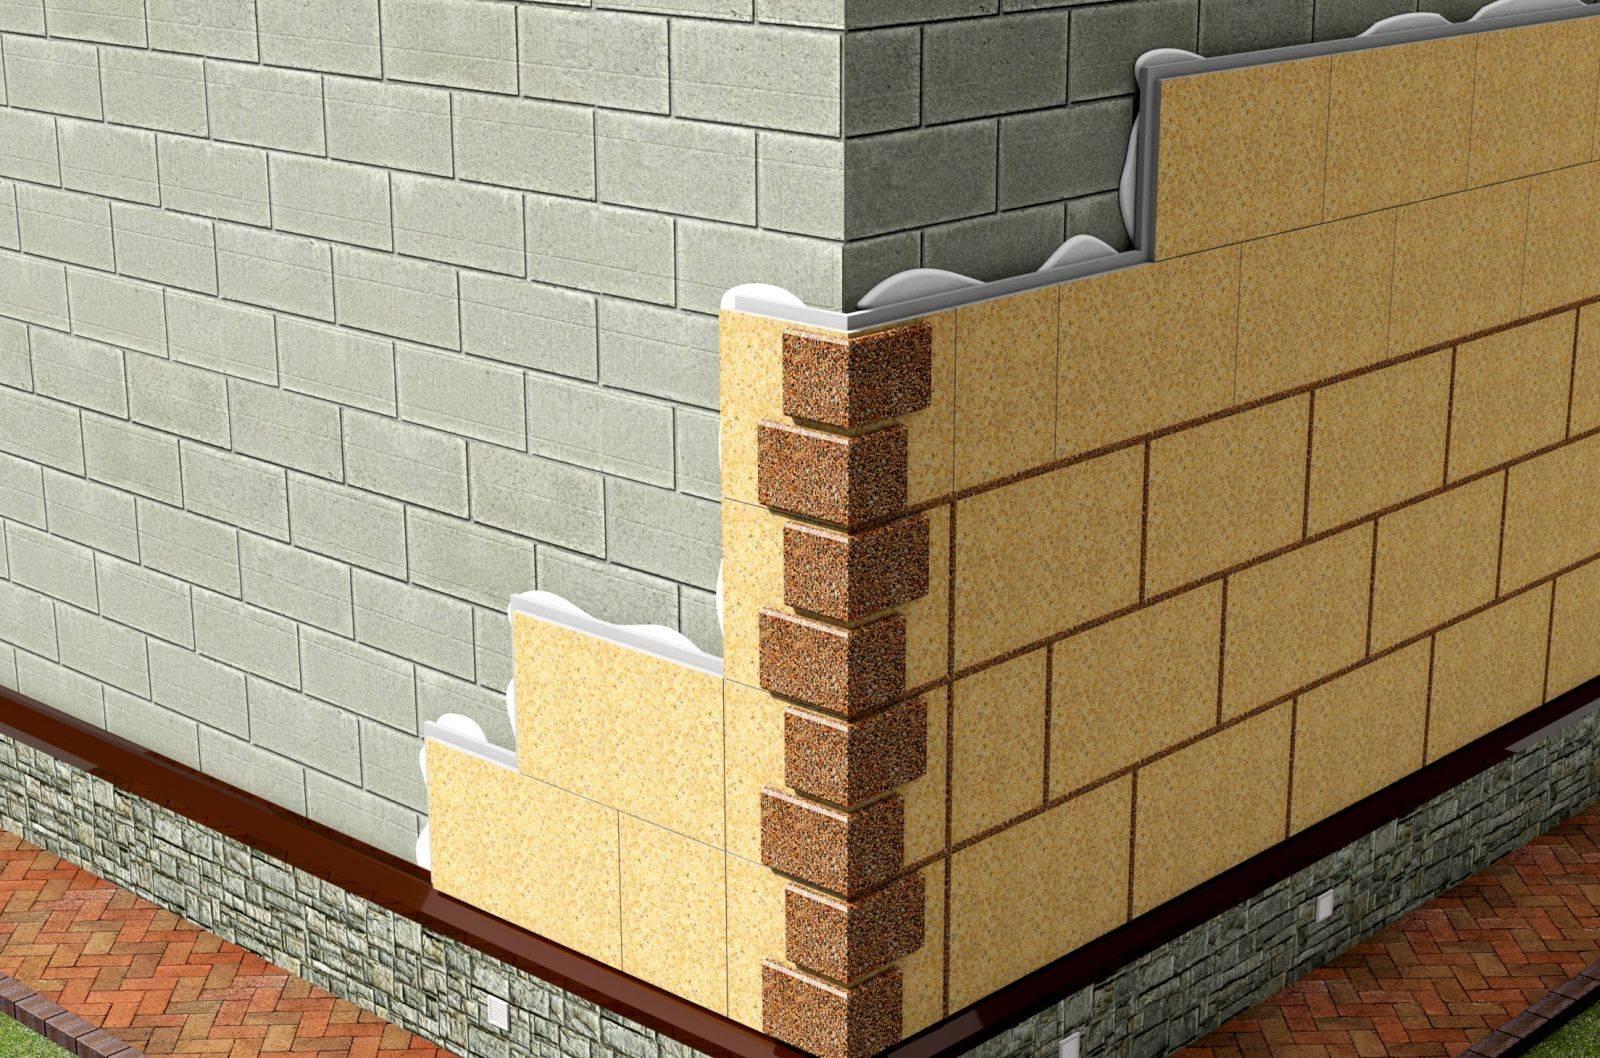 Мраморная крошка для фасадов (36 фото): фактурная отделка фасадов дома крошкой из акрила, выбор фасадной краски, расход на 1м2